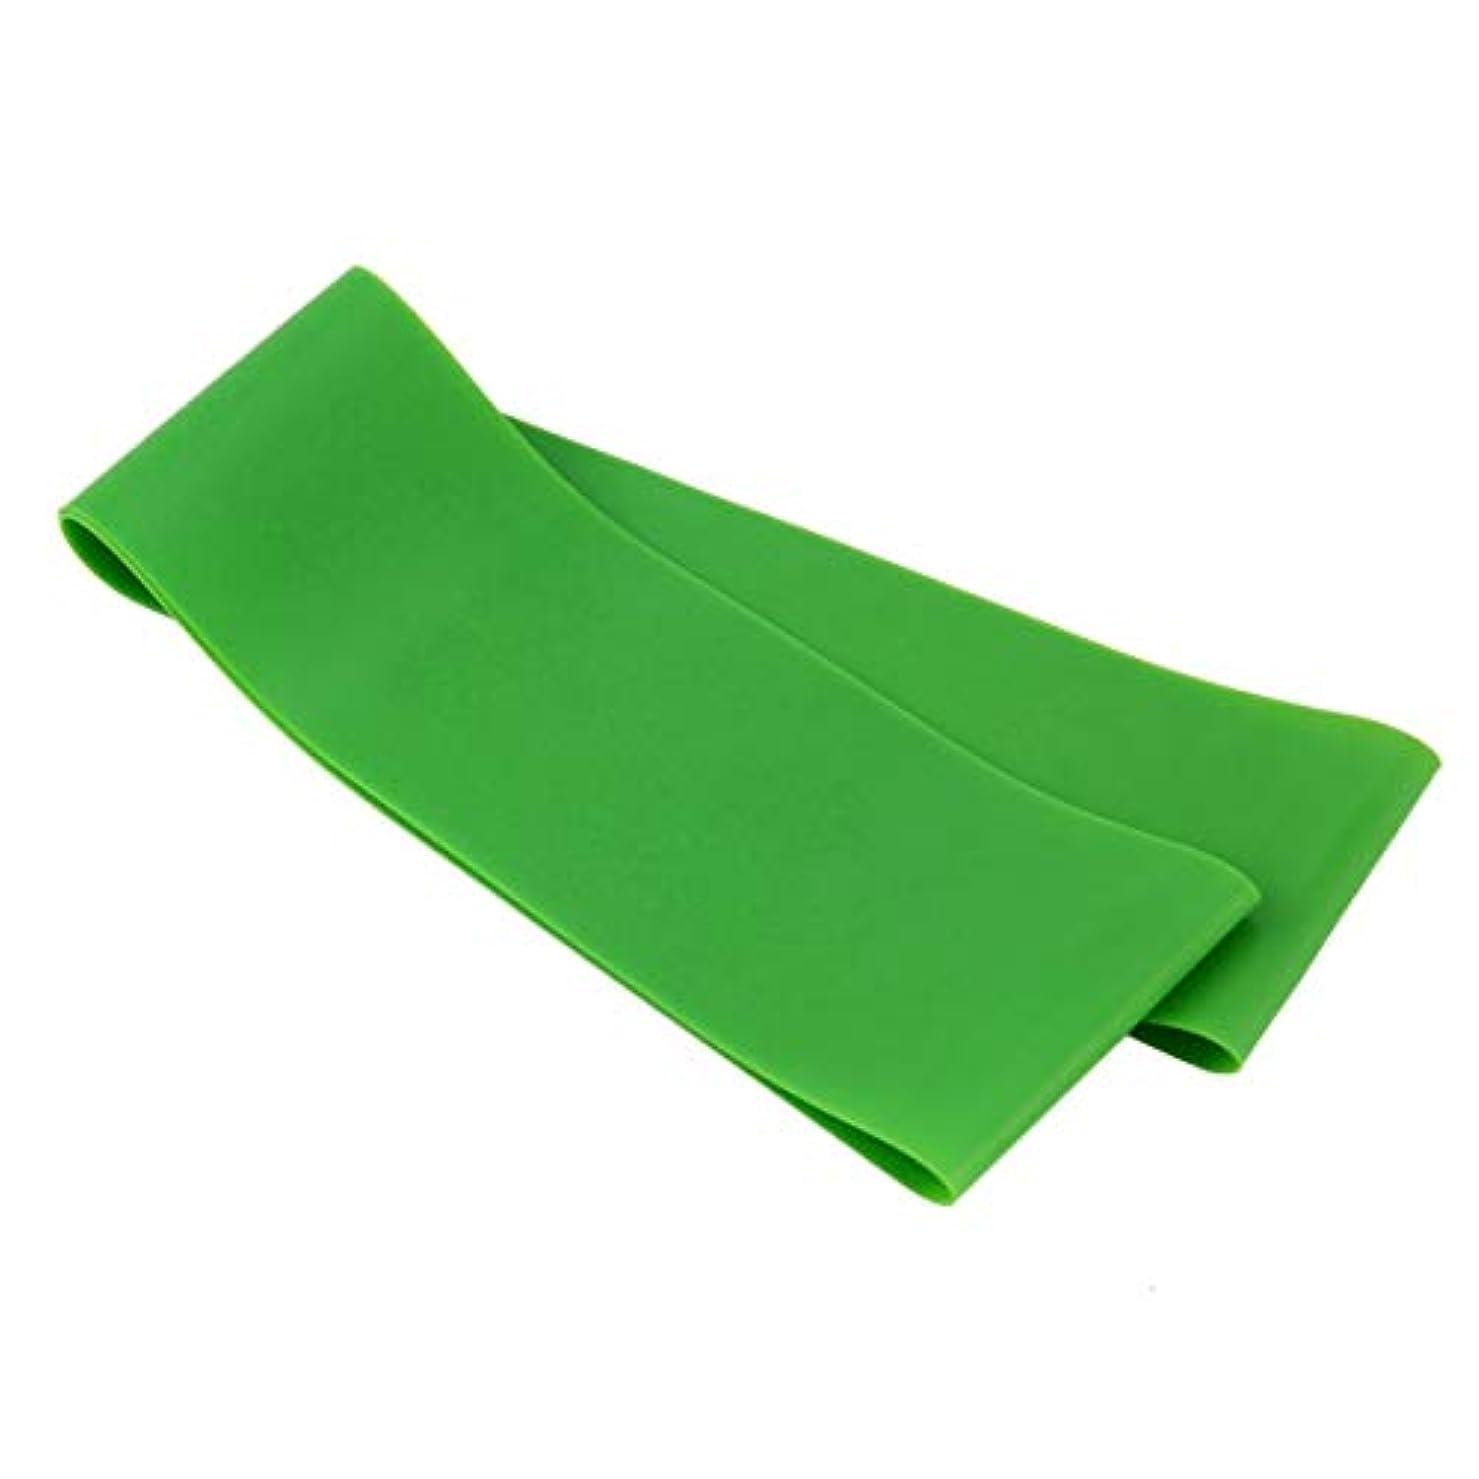 狭いやめる悪因子滑り止め伸縮性ゴム弾性ヨガベルトバンドプルロープ張力抵抗バンドループ強度のためのフィットネスヨガツール - グリーン